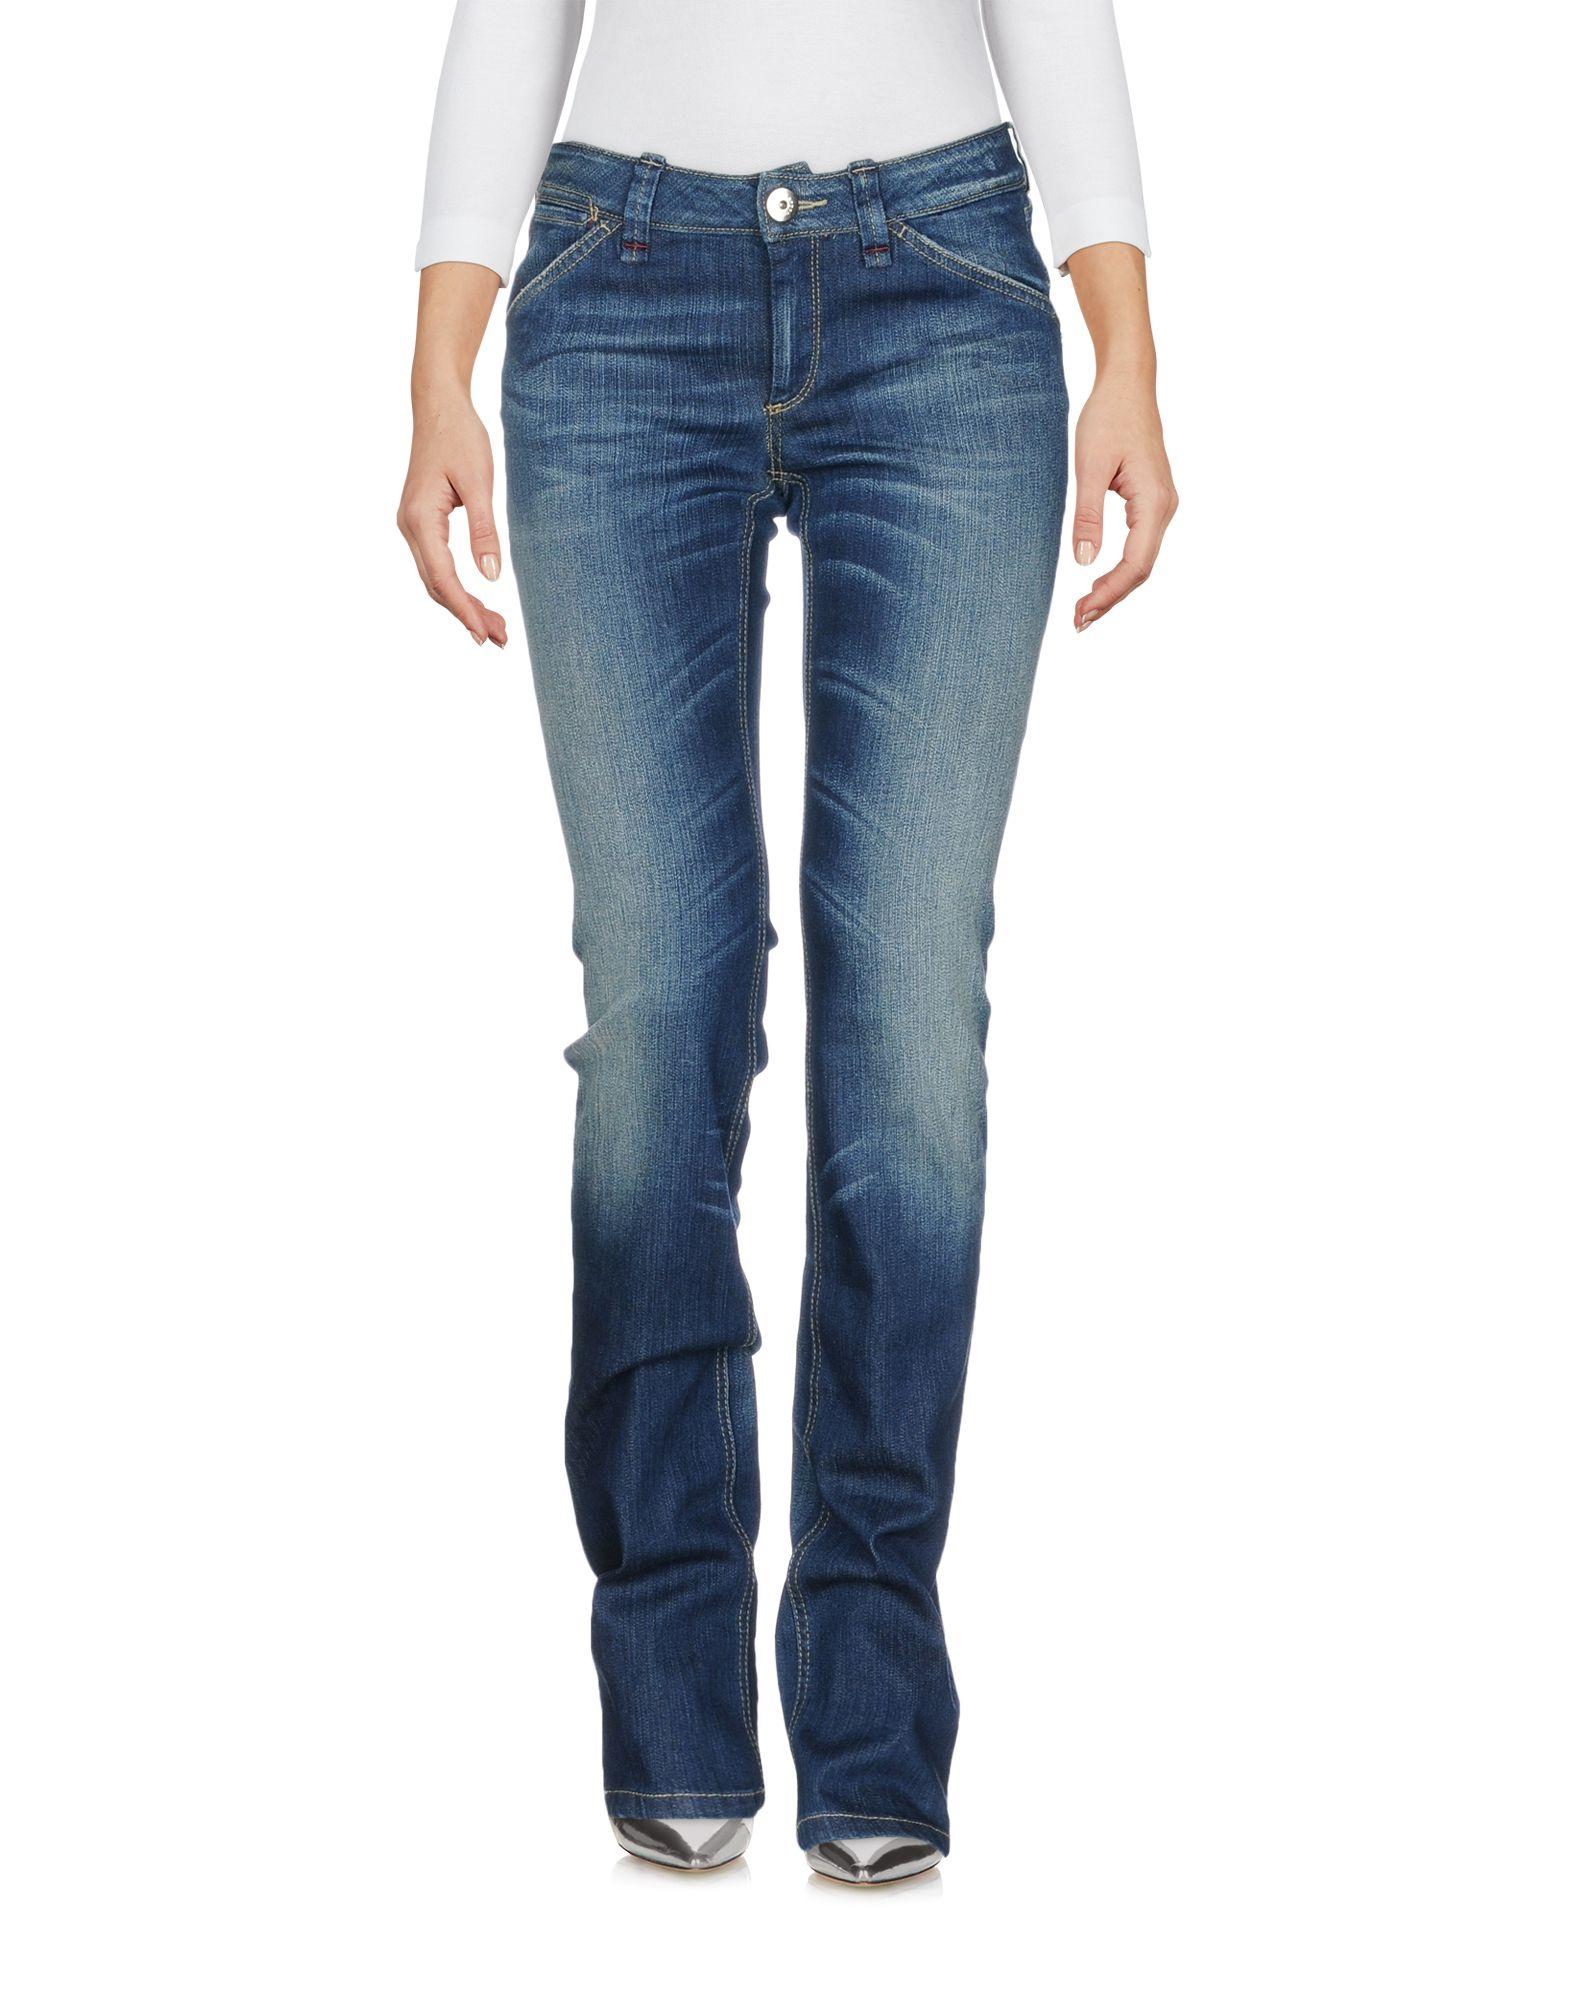 SPORTMAX CODE Damen Jeanshose Farbe Blau Größe 2